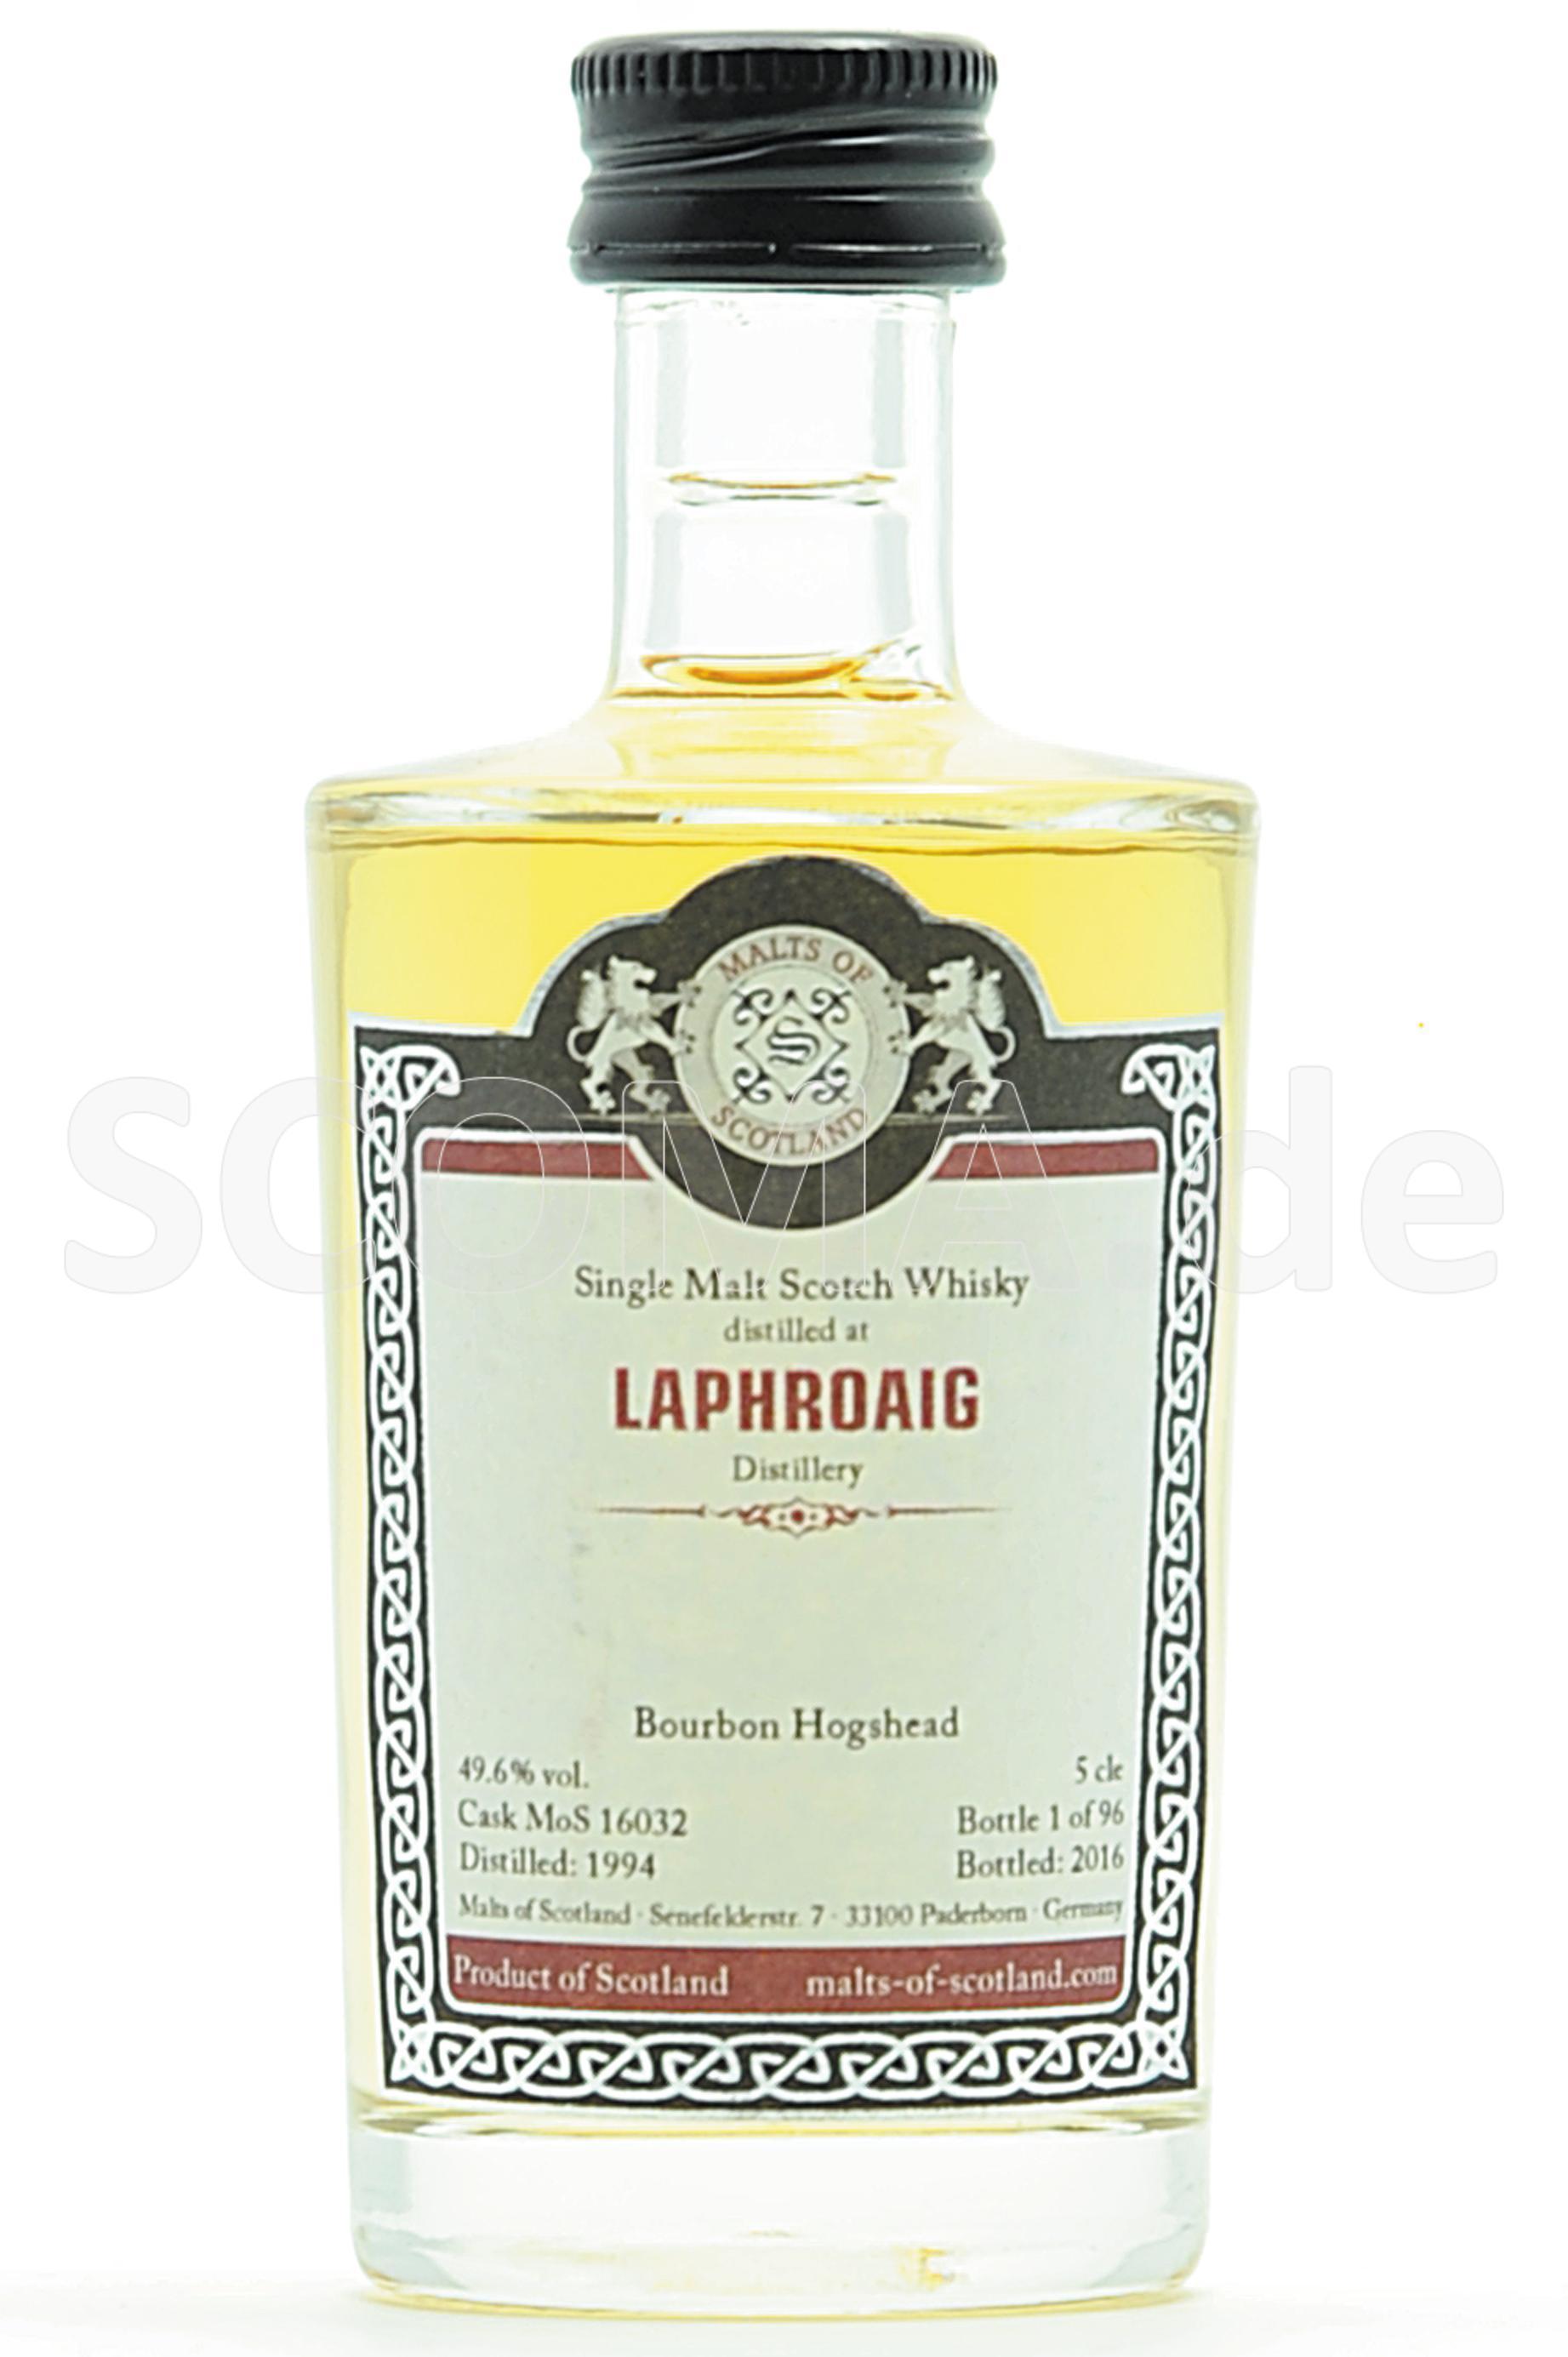 Laphroaig 1994/2016